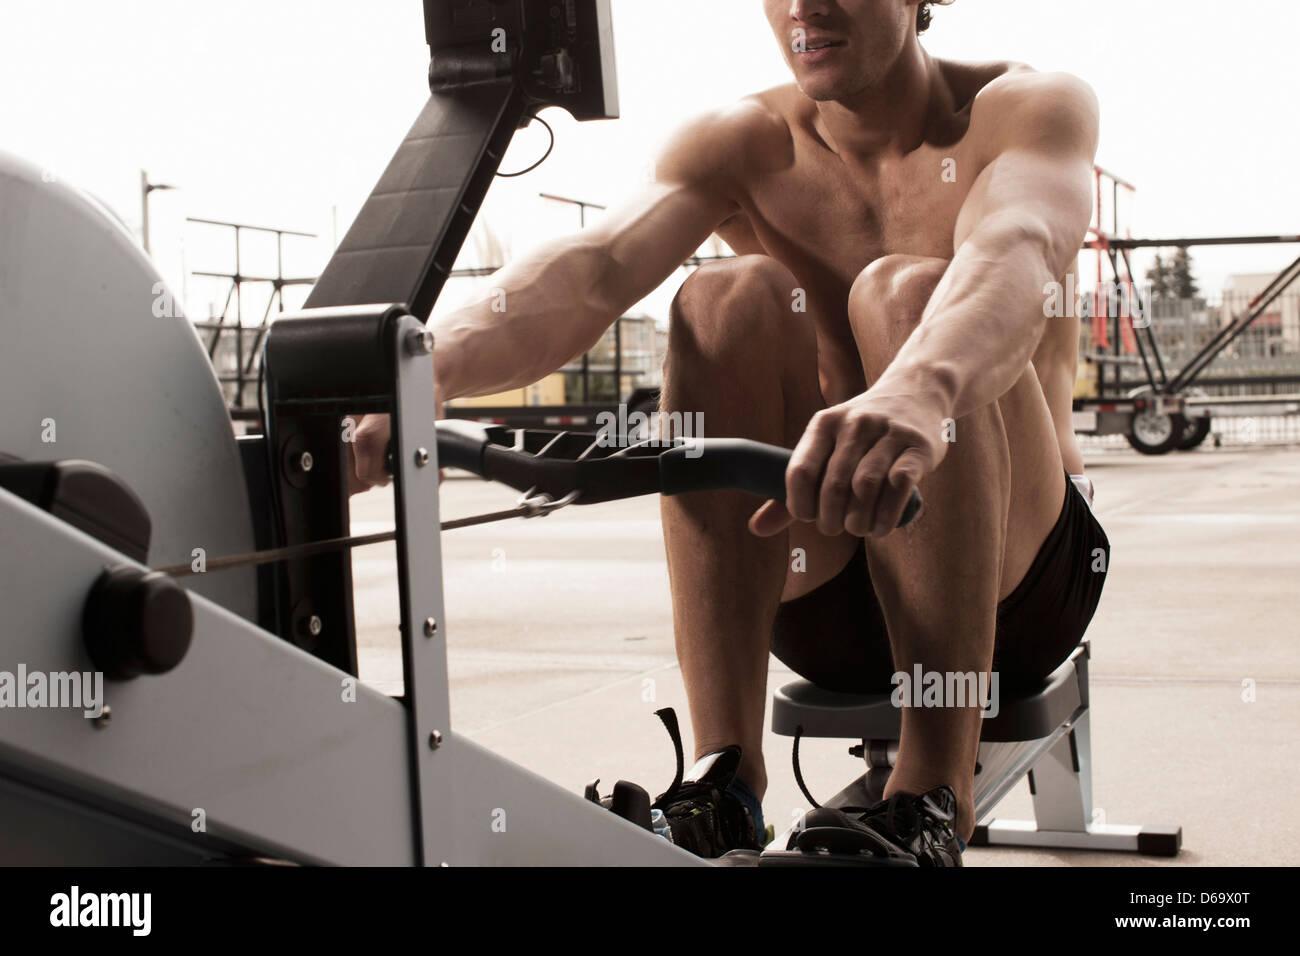 Hombre utilizando equipo de ejercicio en el gimnasio Imagen De Stock